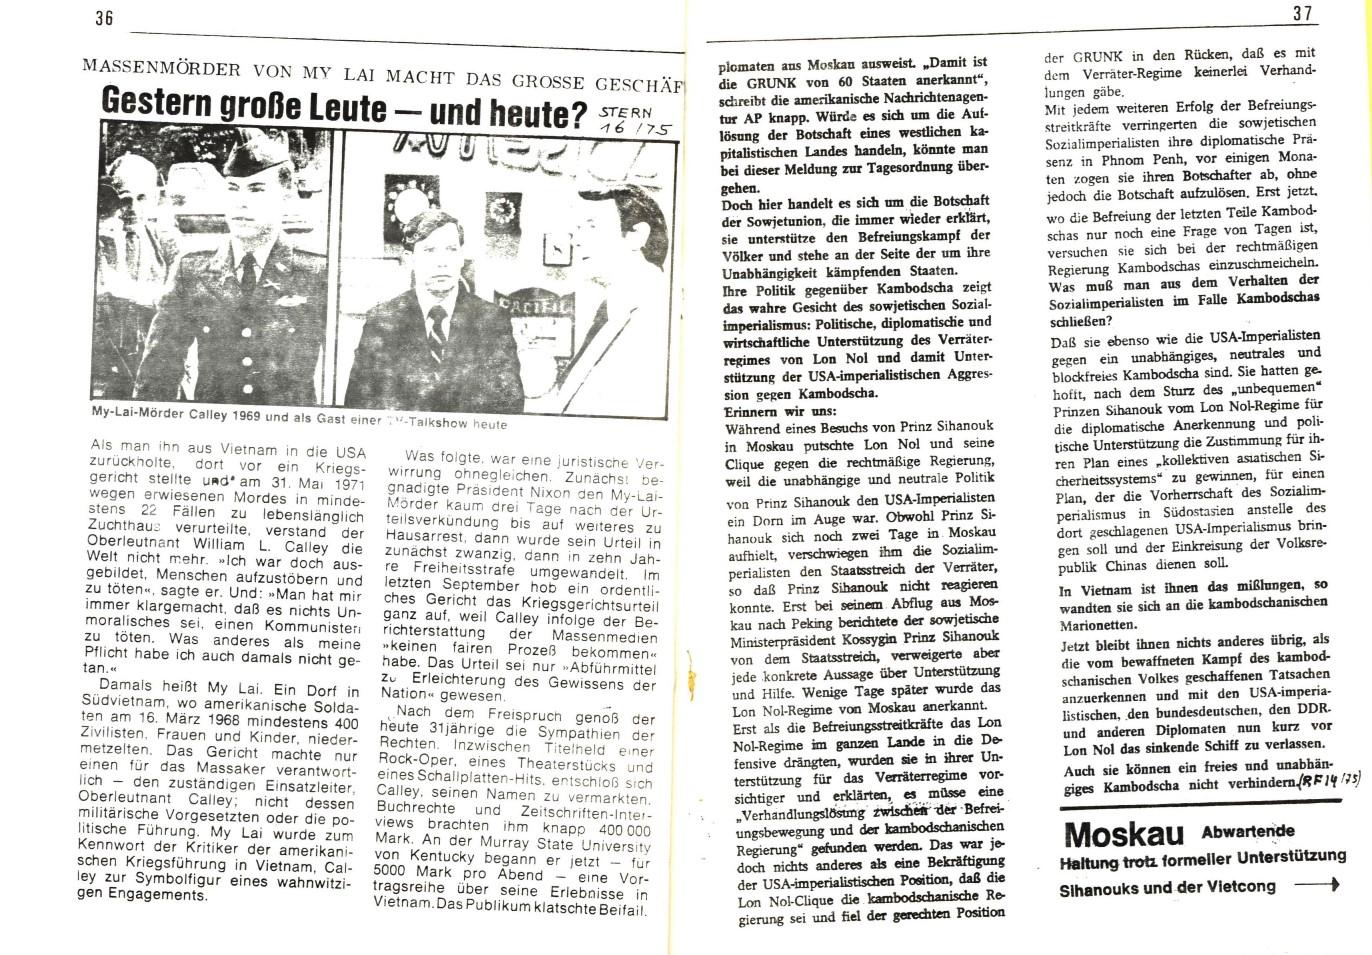 Nds_KSV_1975_Suedvietnam_19